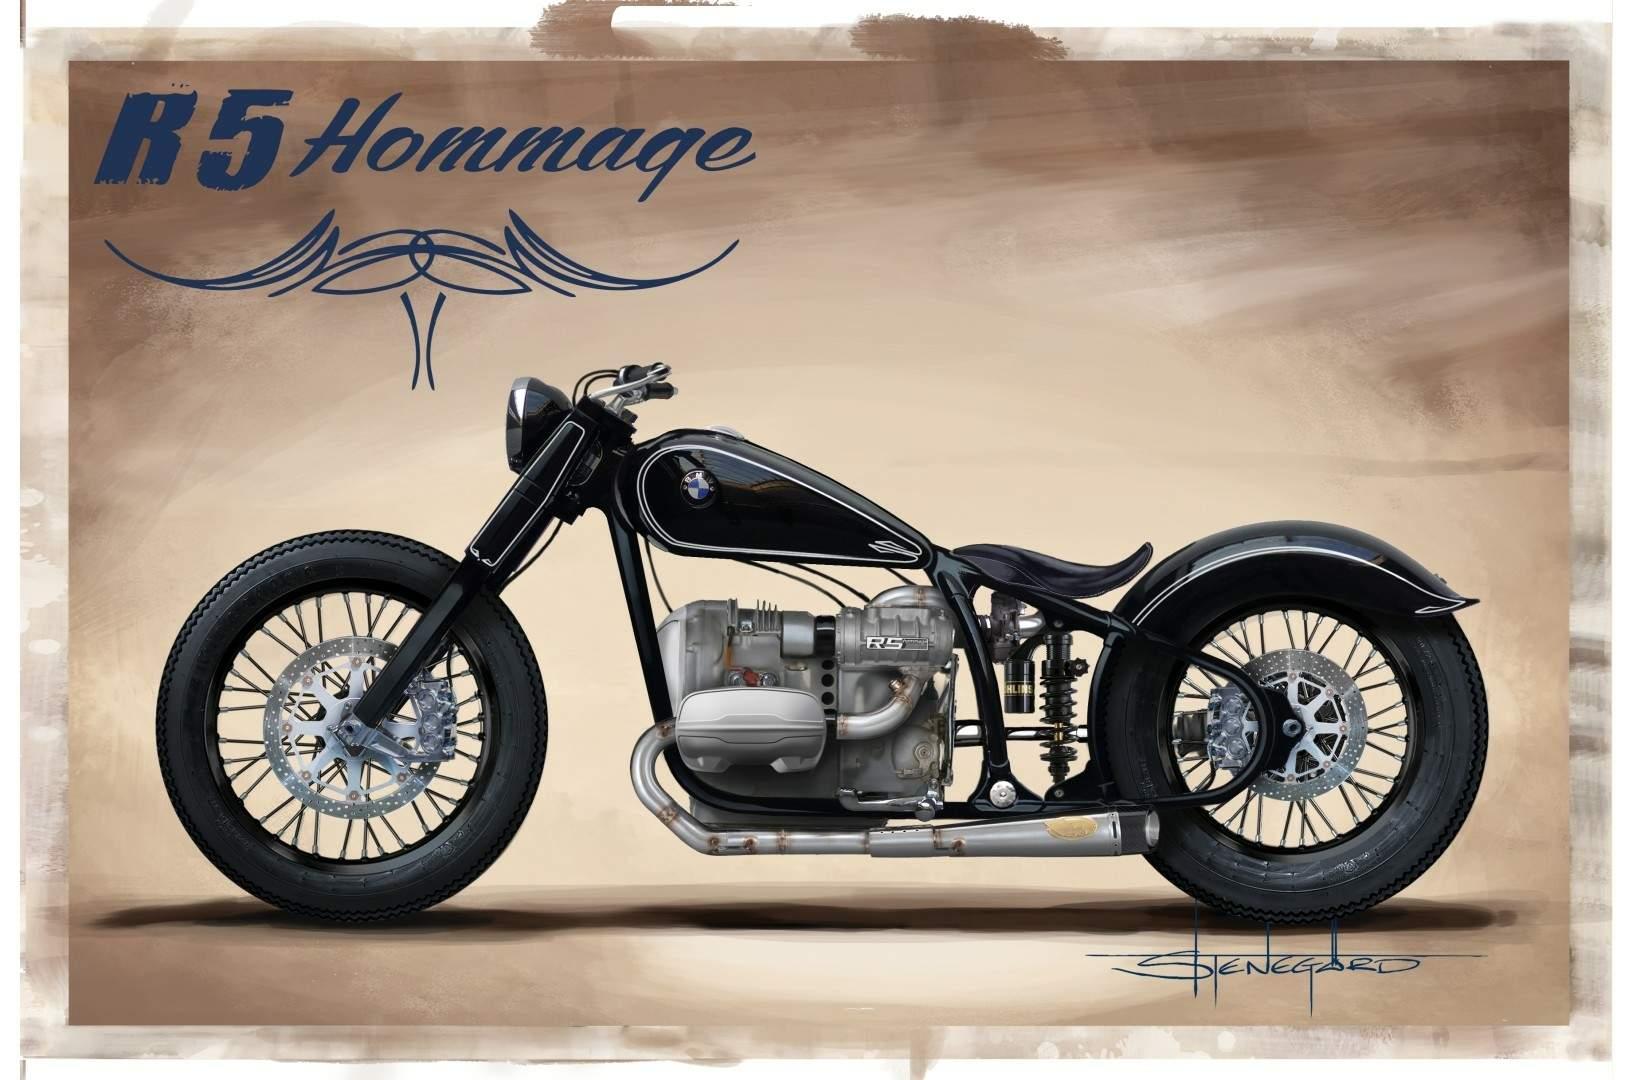 serien chopper motorrad mit hnlichem rahmen bez einer. Black Bedroom Furniture Sets. Home Design Ideas